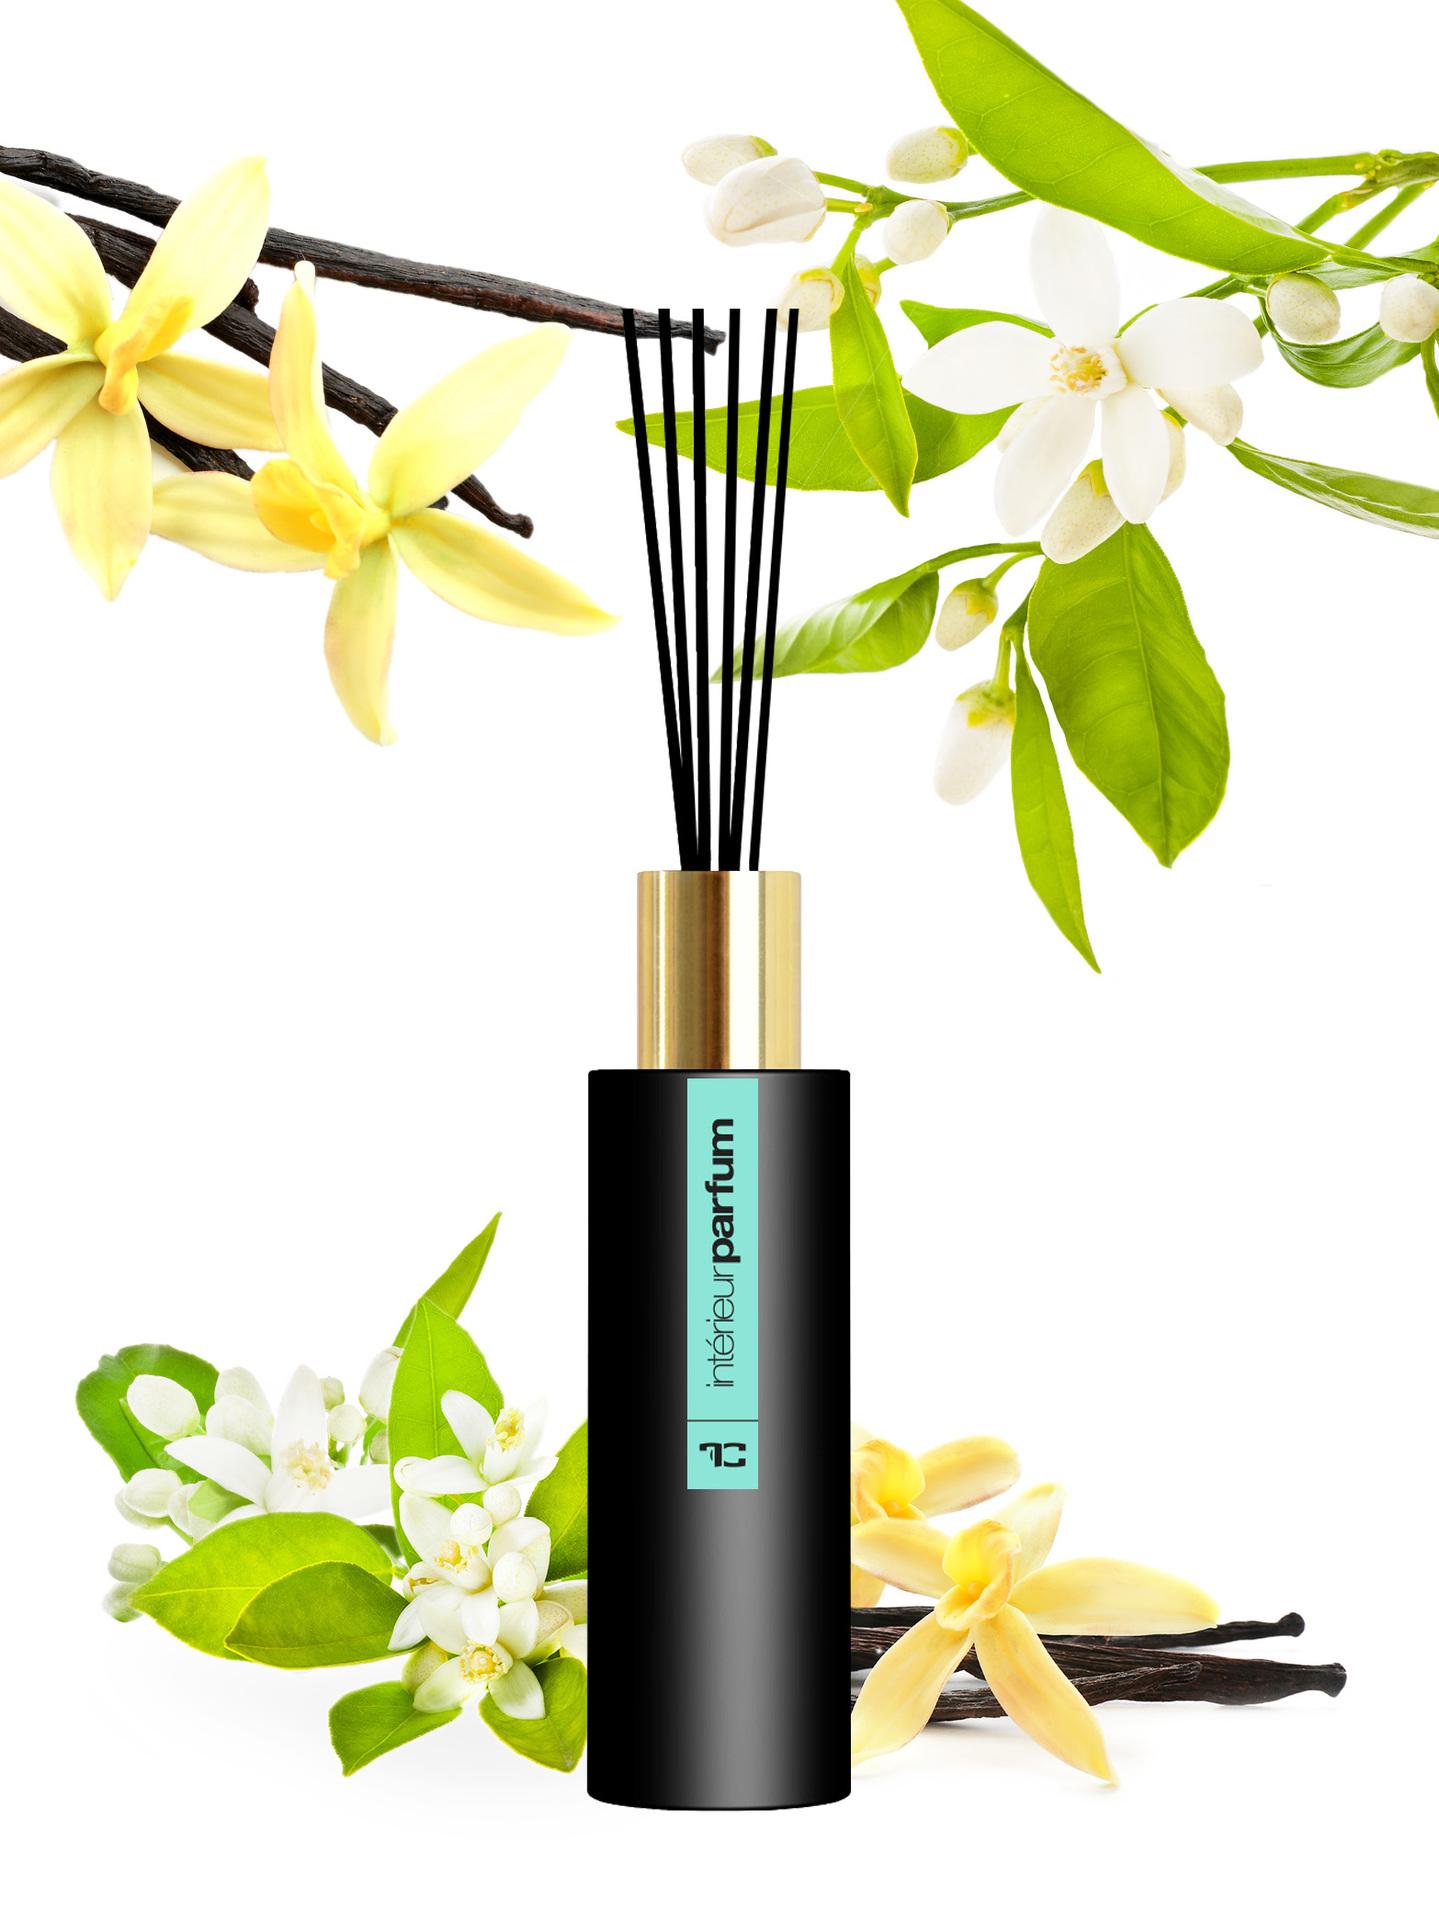 Interiérový parfém, REFRESHING, vonný roztok s vysokým obsahem parfémové kompozice